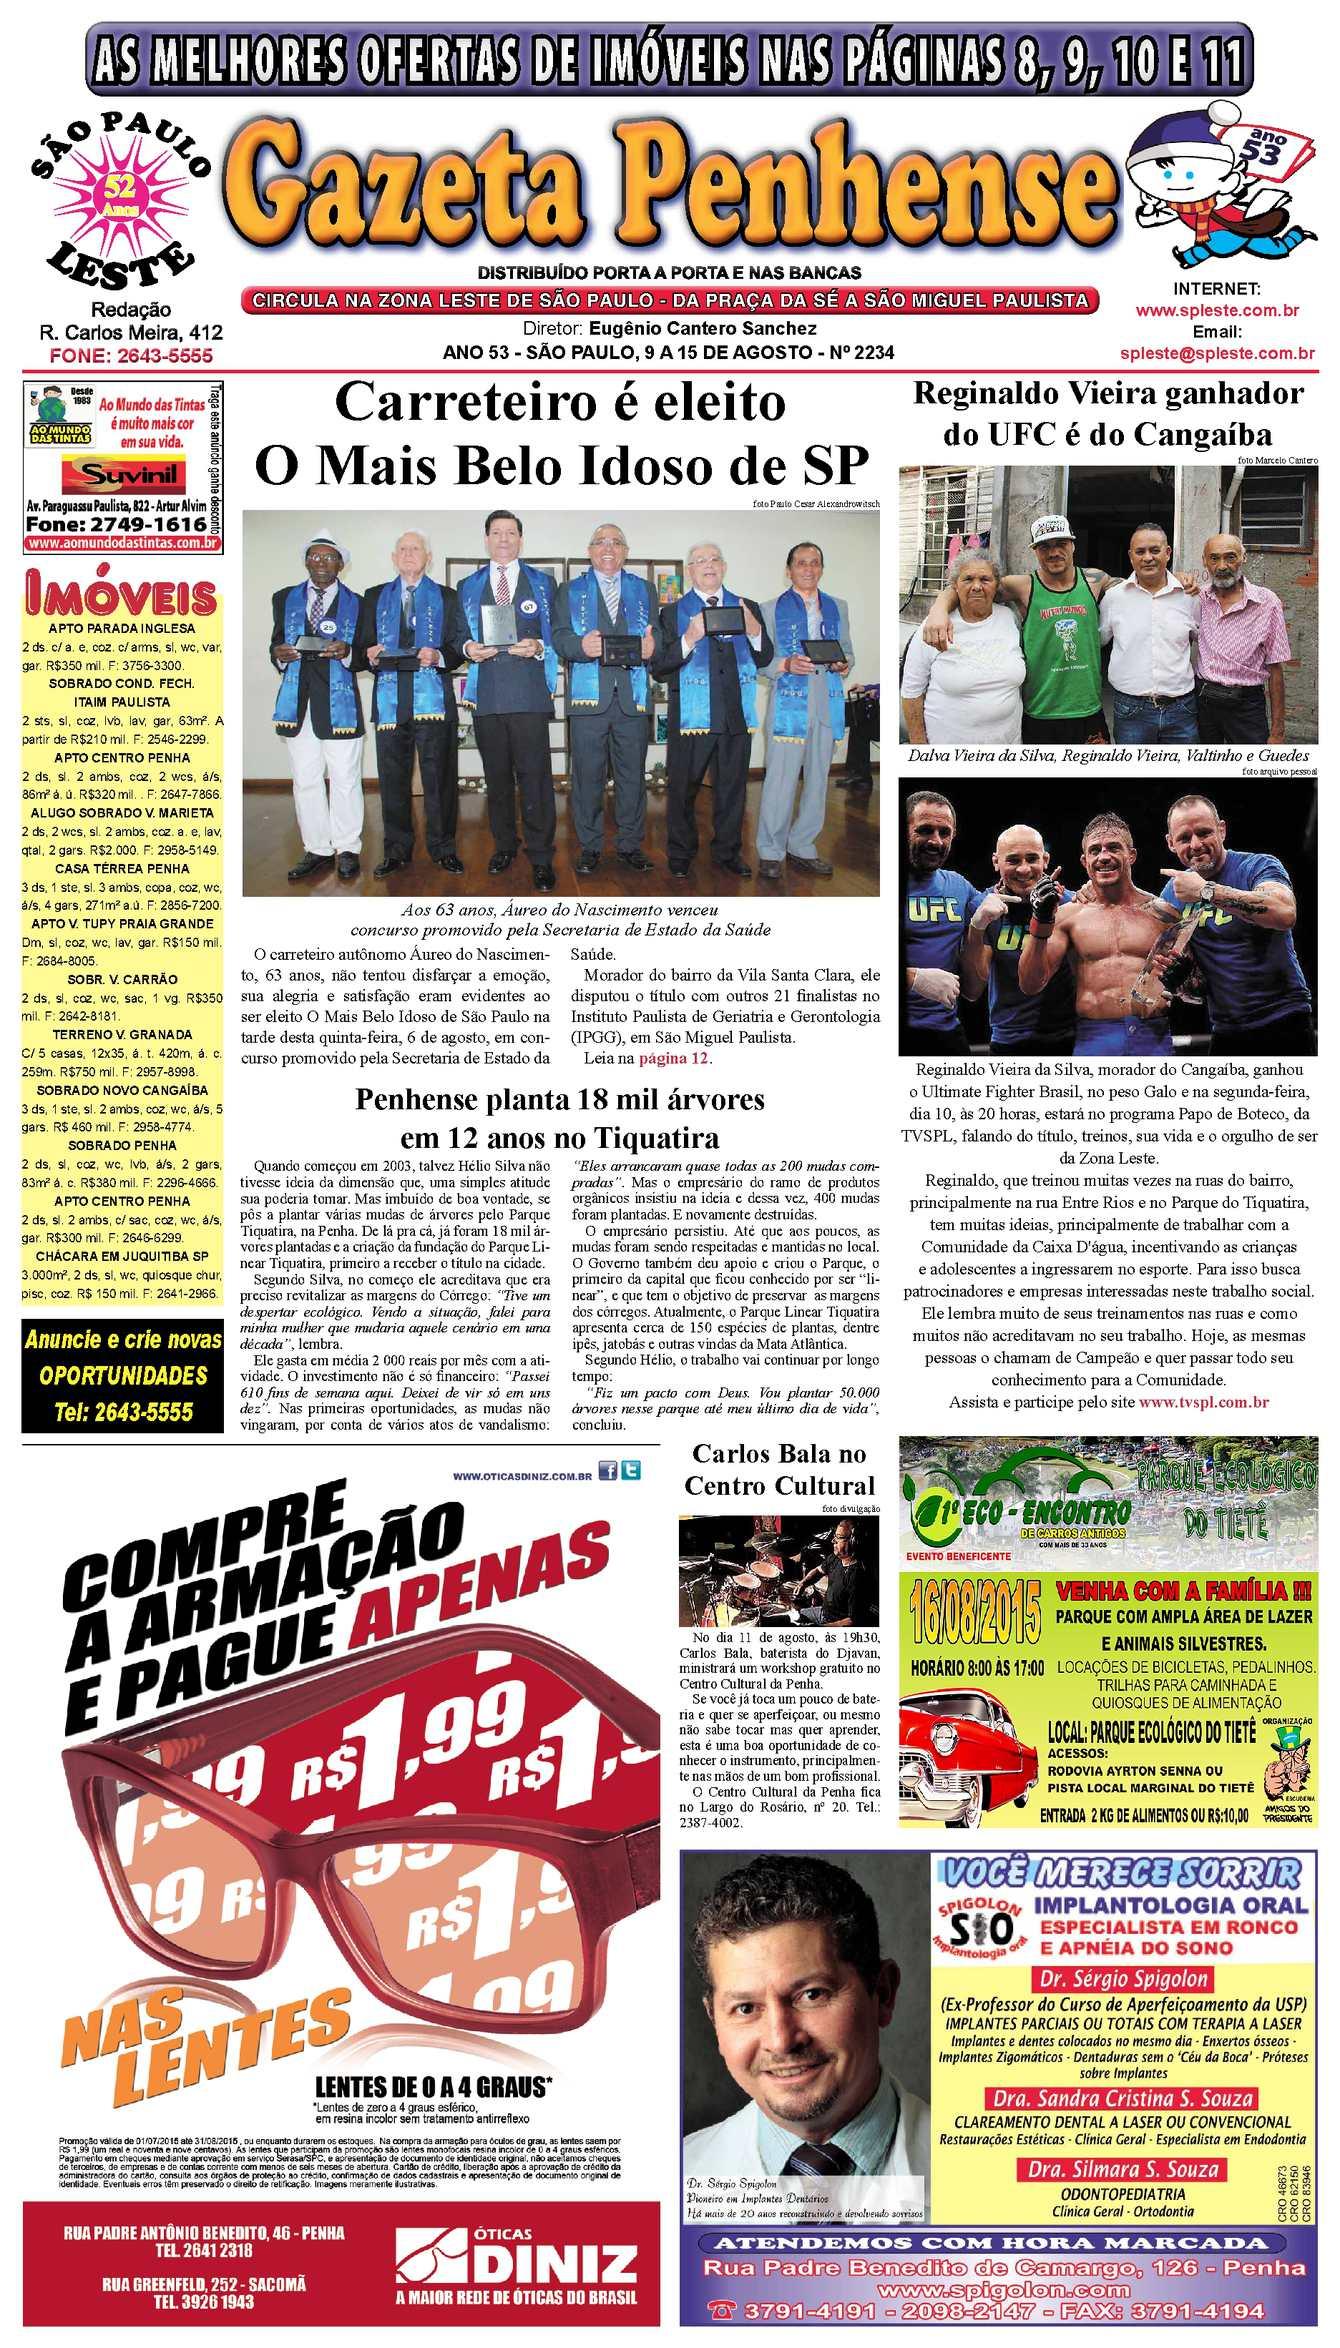 7f4f5951e5417 Calaméo - Gazeta Penhense - edição 2234 - 9 a 15 08 15